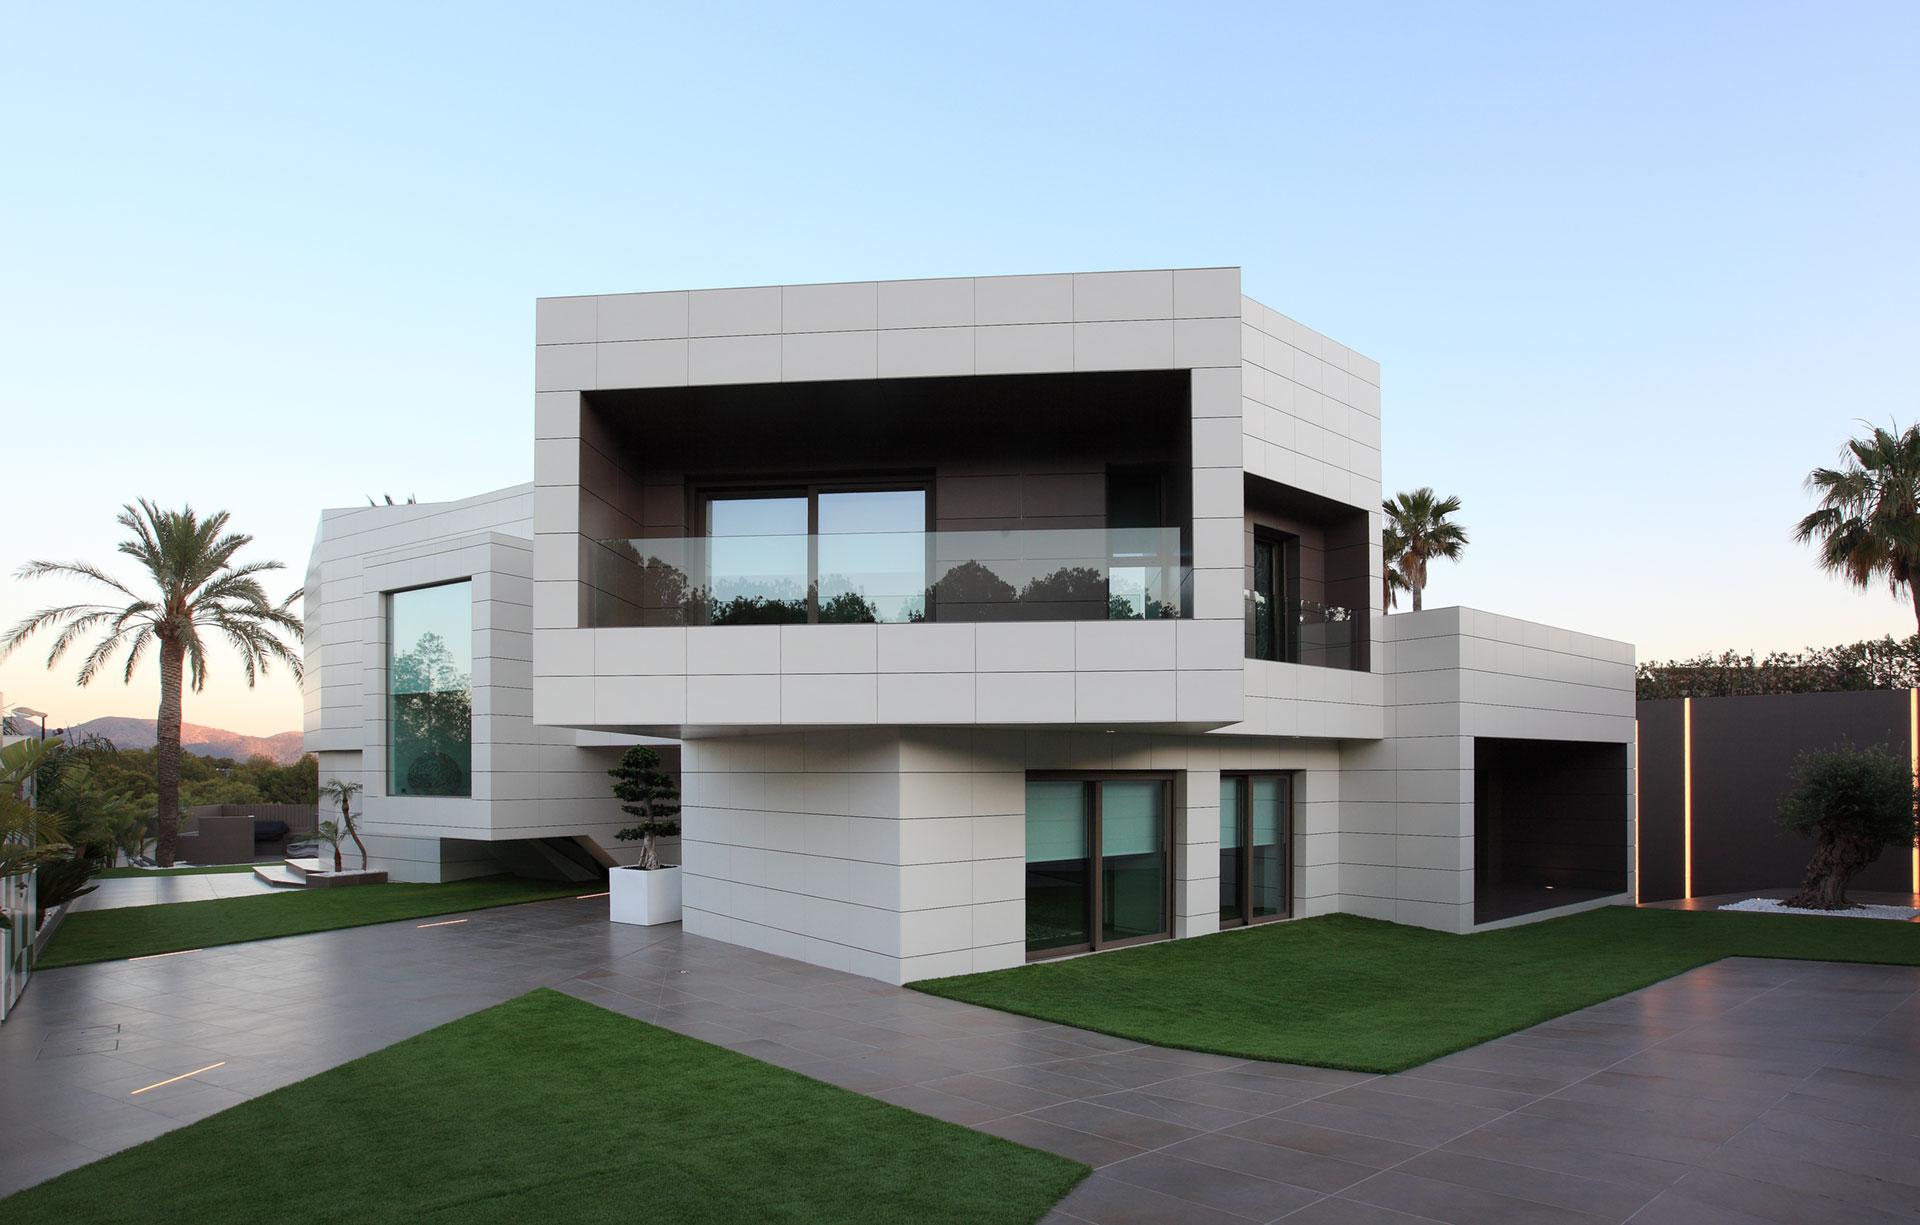 ventilated facade